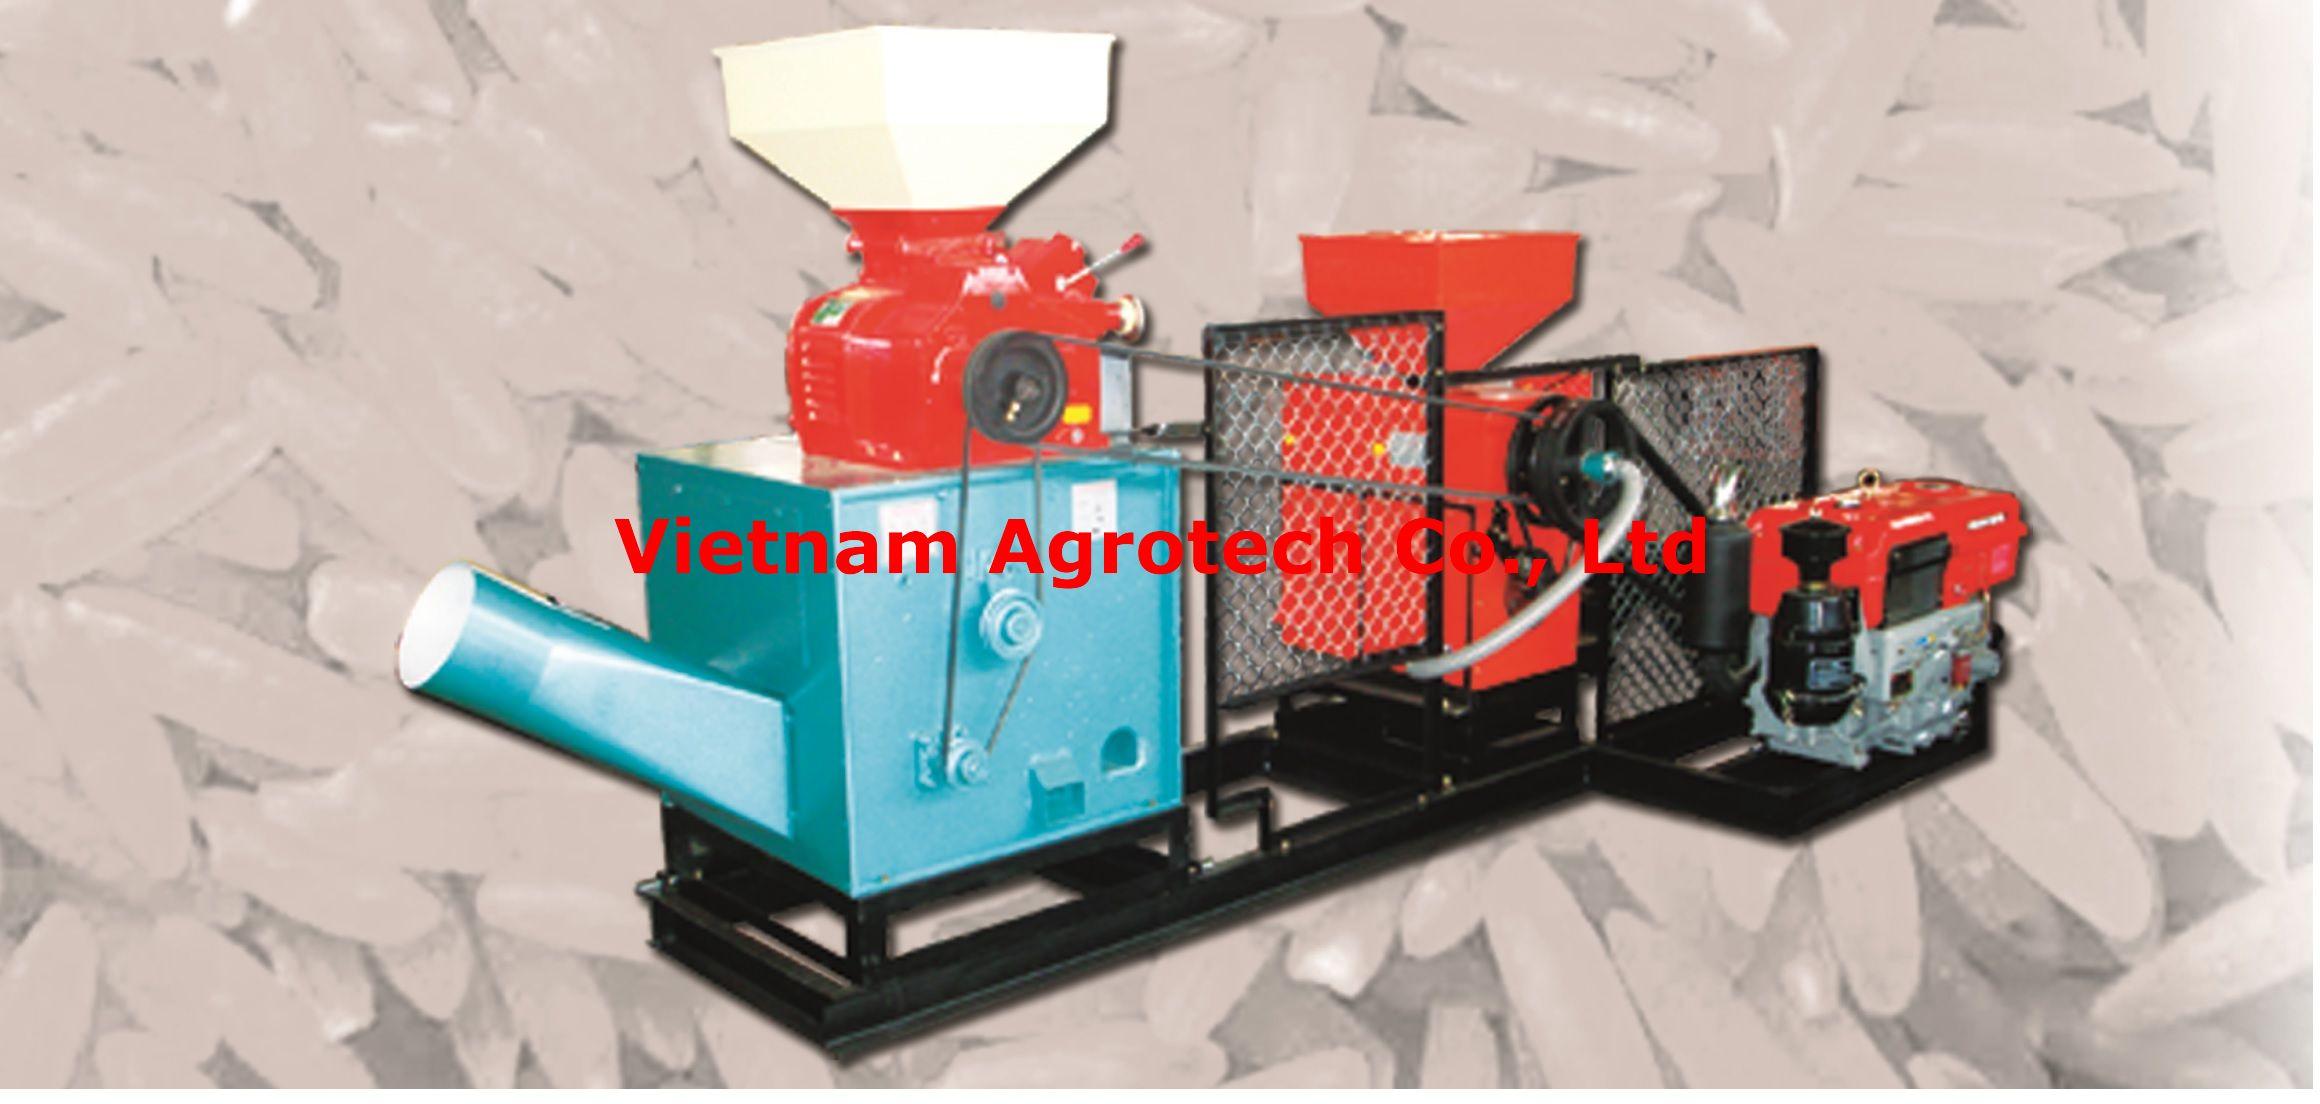 Yanmar Rice Milling Machine Machine Vikyno Rice Mill